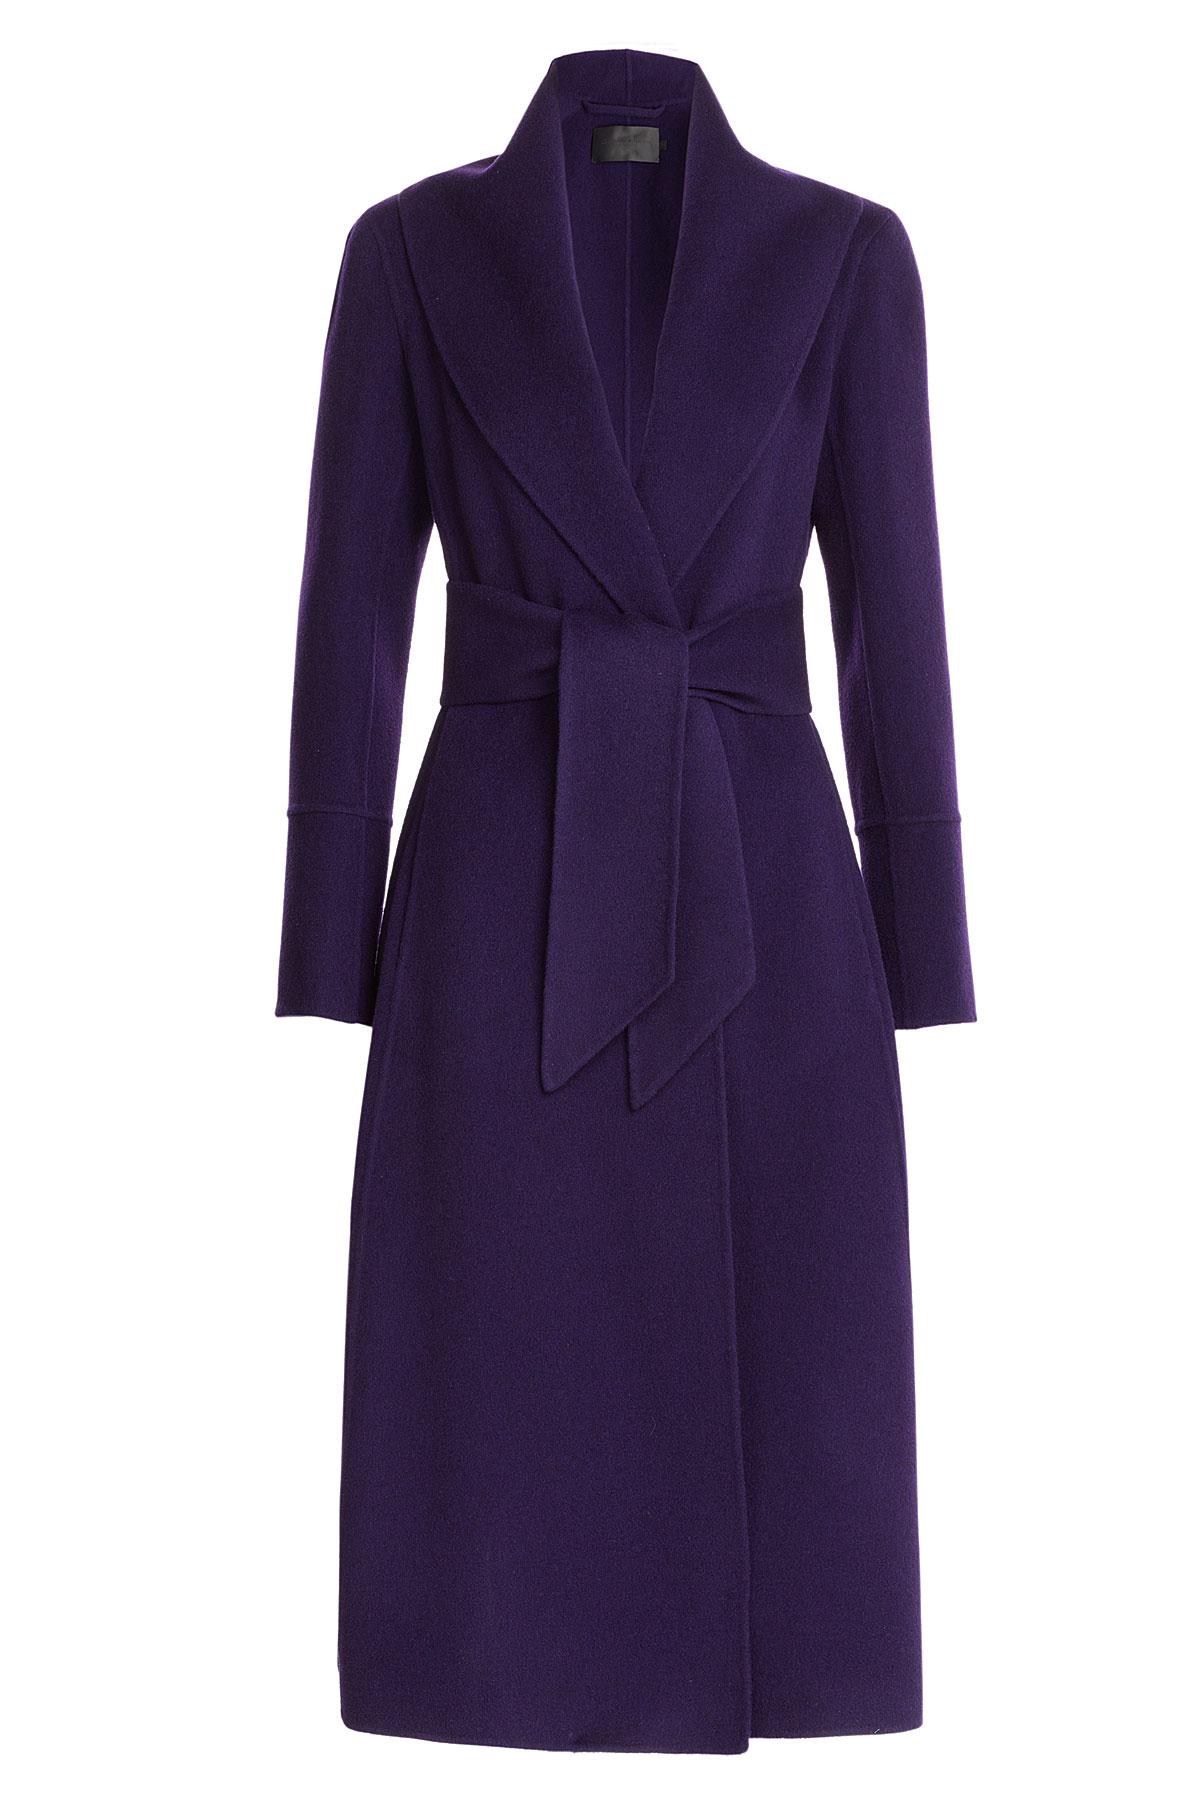 donna karan cashmere coat purple in blue lyst. Black Bedroom Furniture Sets. Home Design Ideas